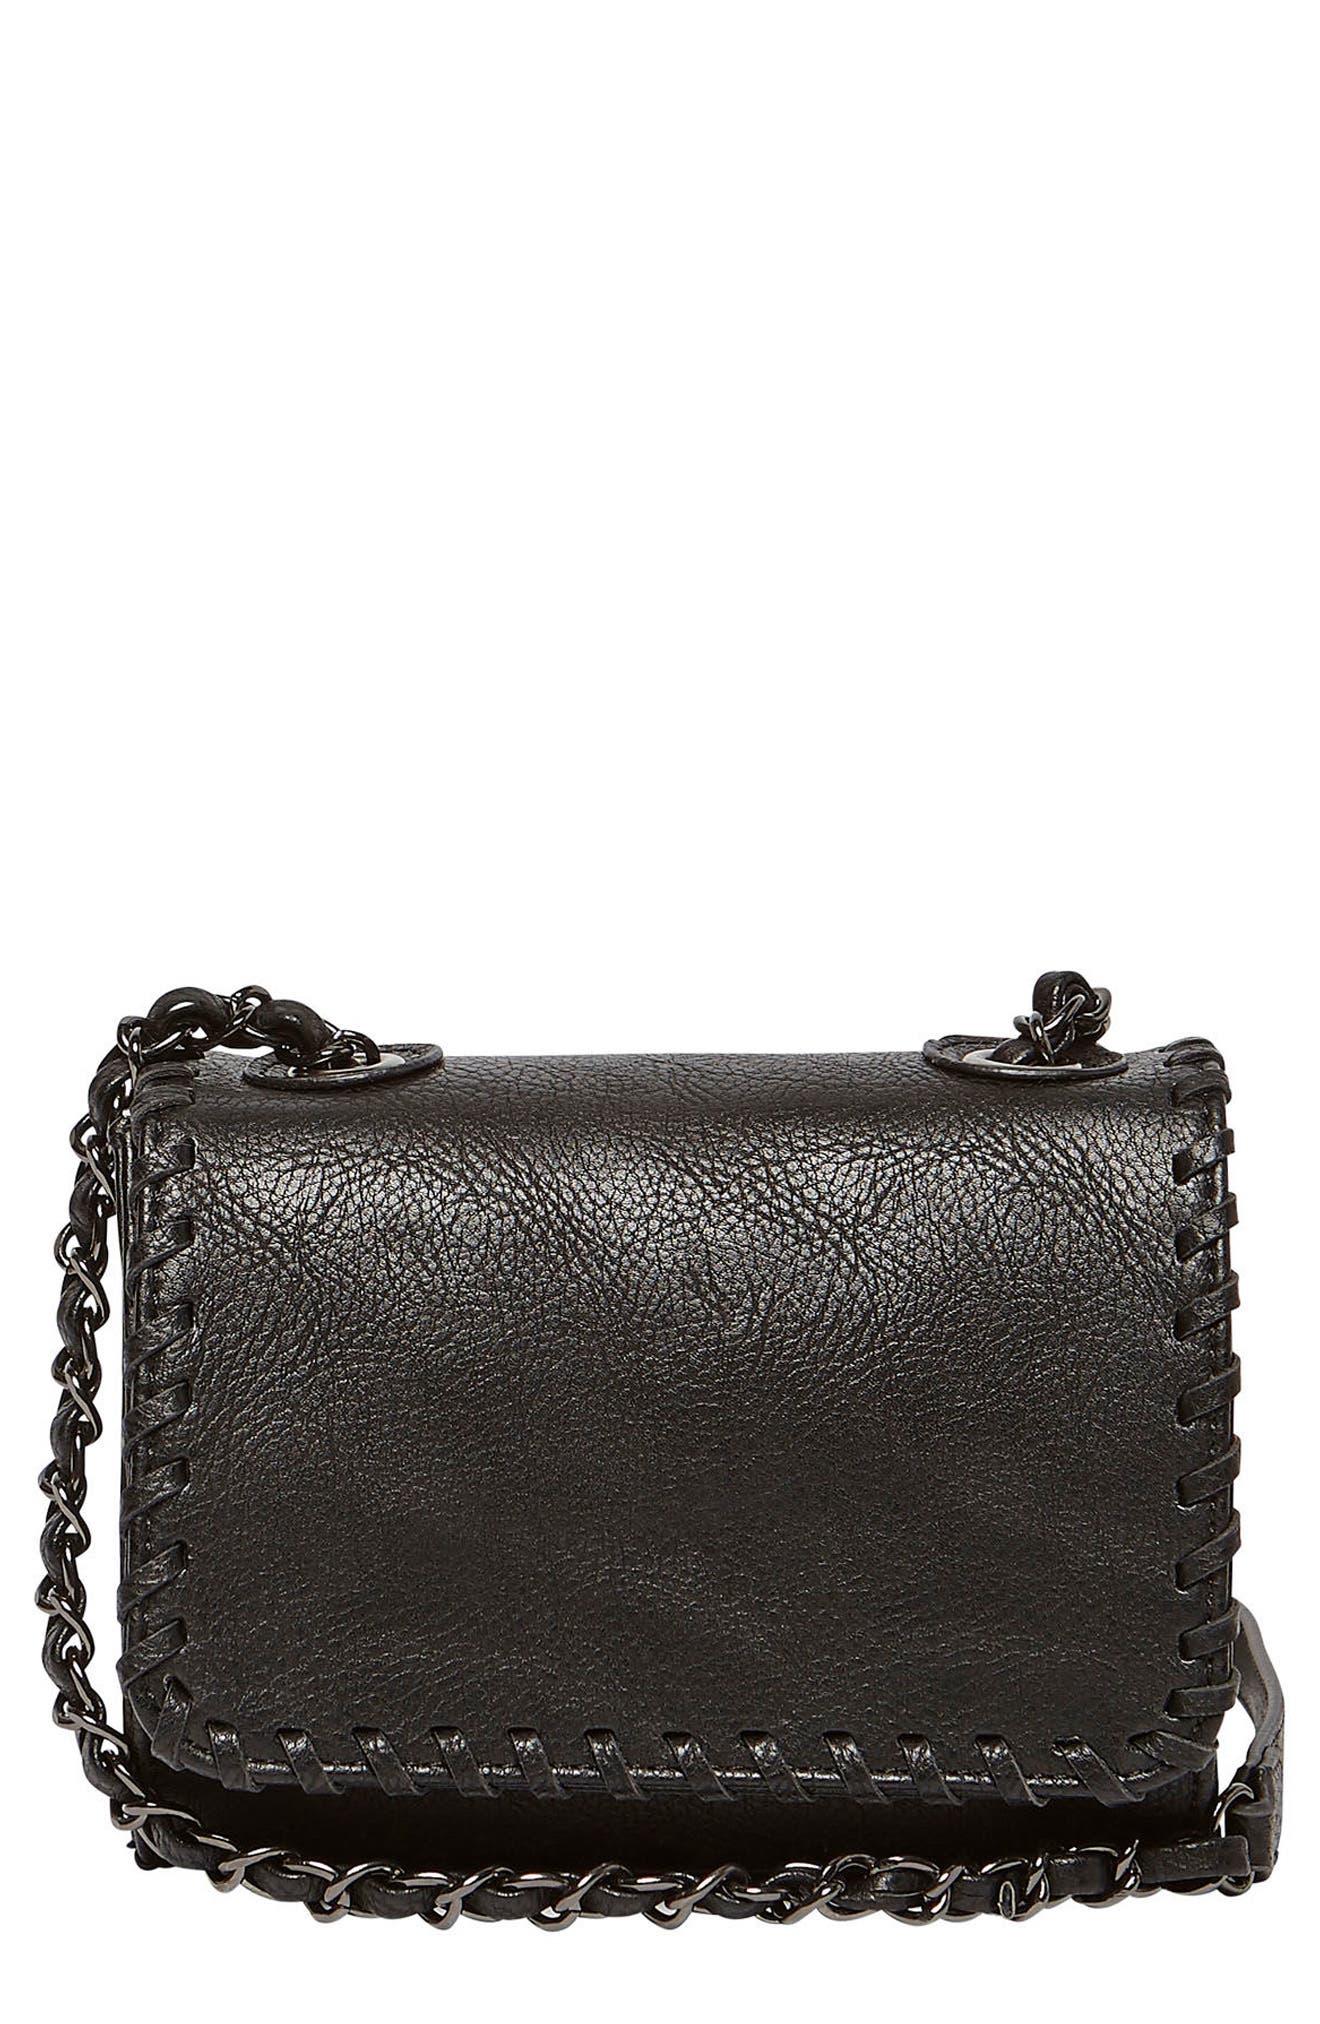 URBAN ORIGINALS Loveliness Vegan Leather Shoulder Bag